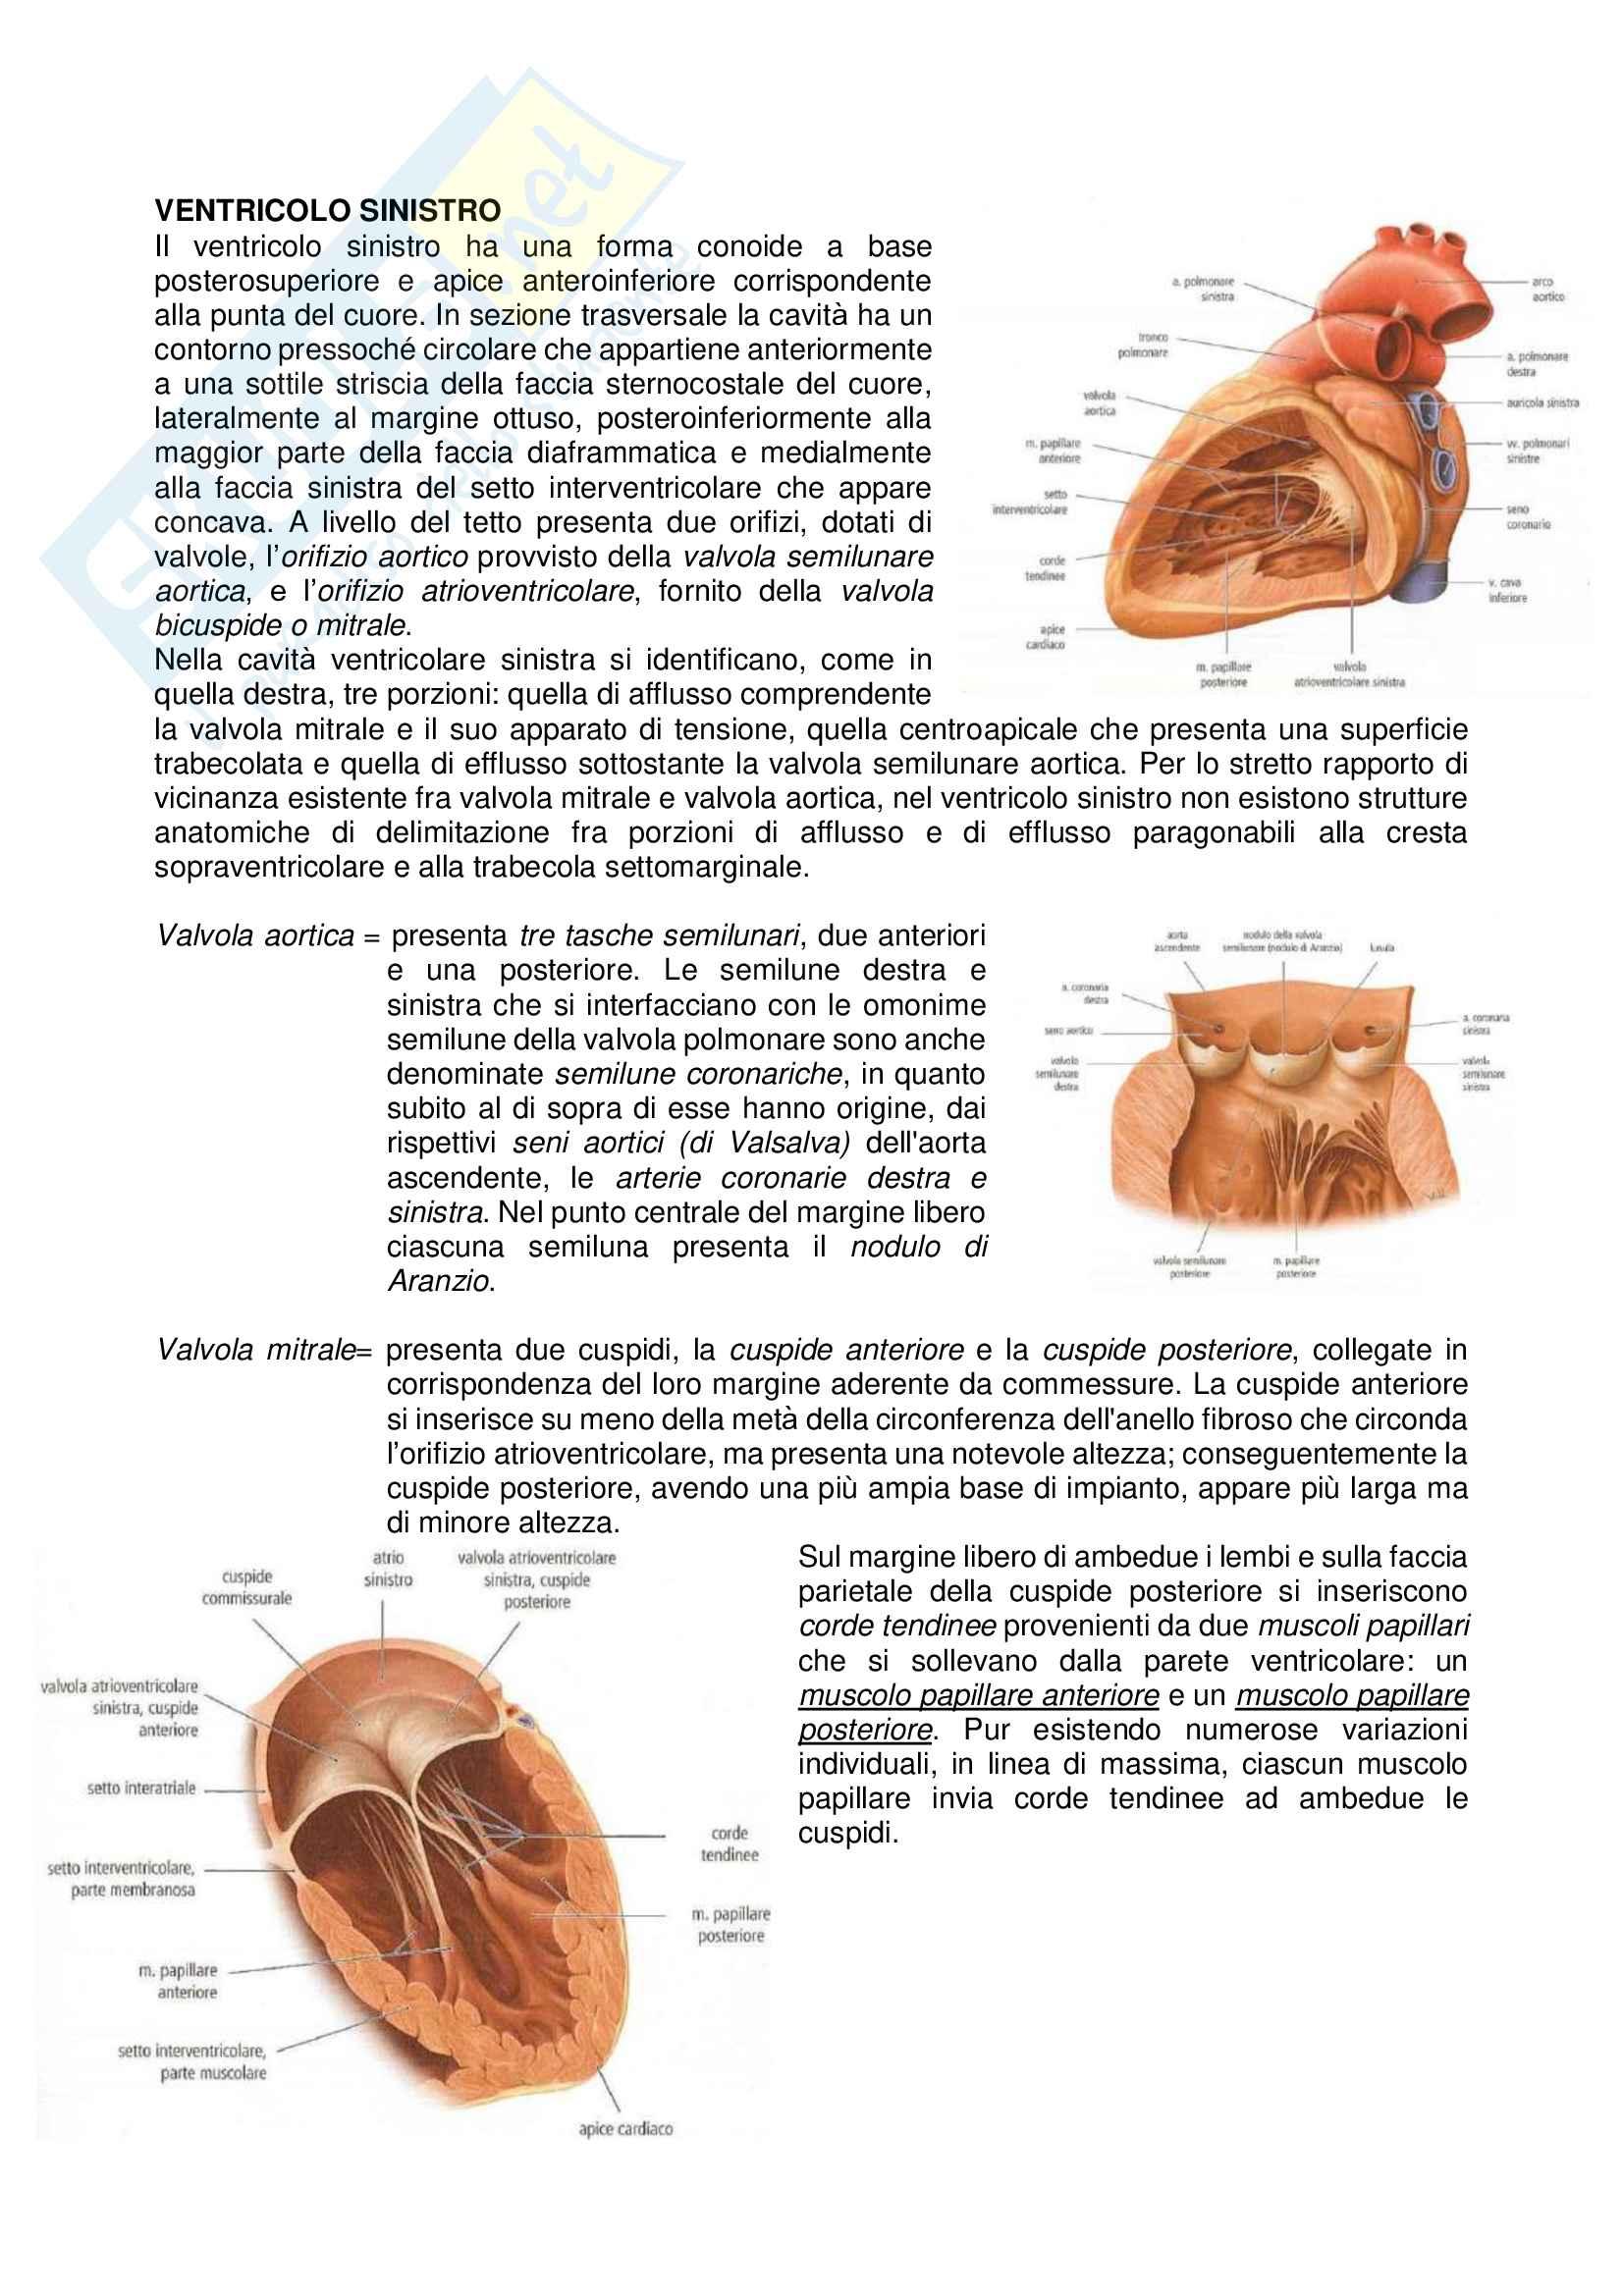 Appunti Cuore Anatomia II con immagini Pag. 11